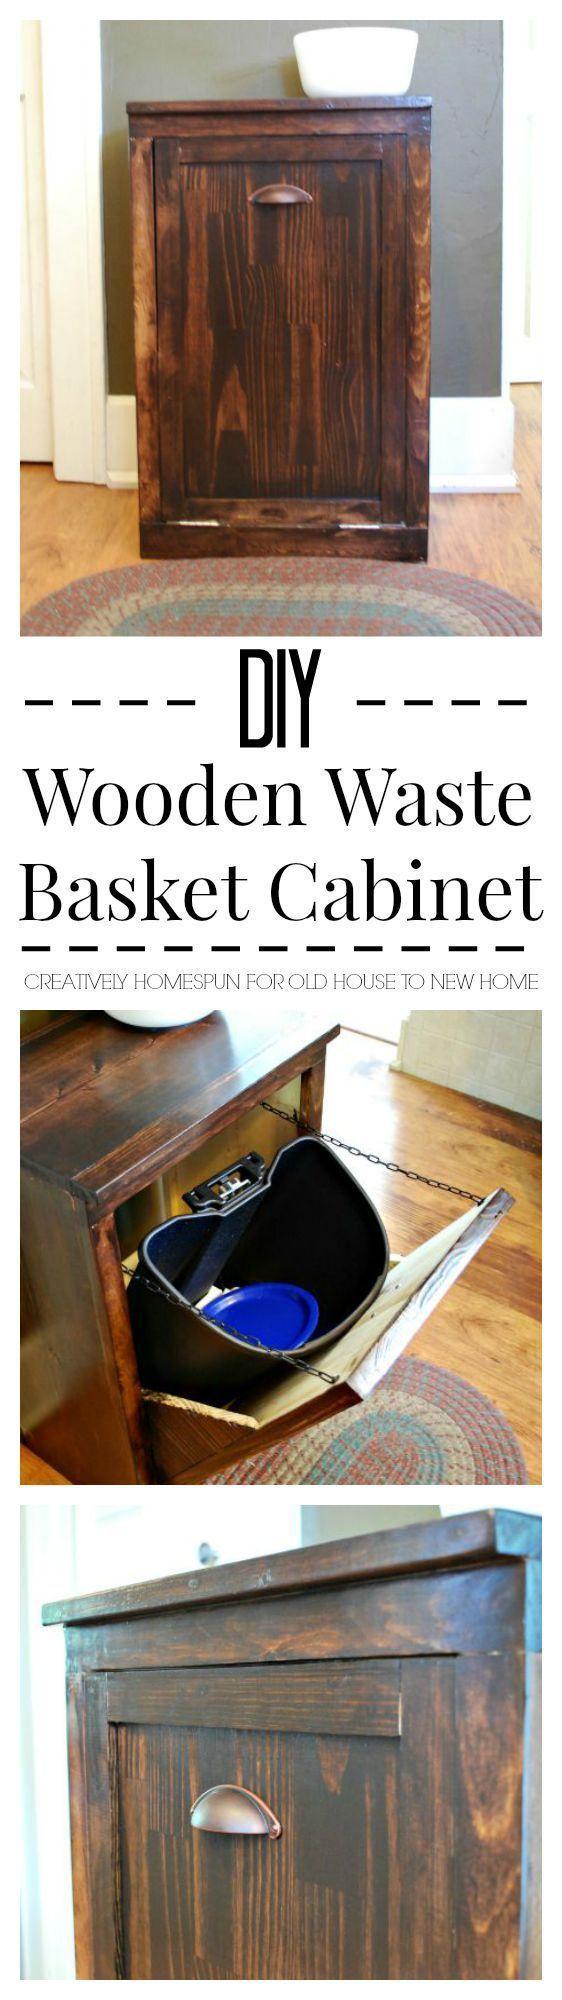 DIY Wooden Waste Basket Cabinet    Creatively Homespun #TheKendigsNewDigs #diy #kitchenreno #oldhousetonewhome